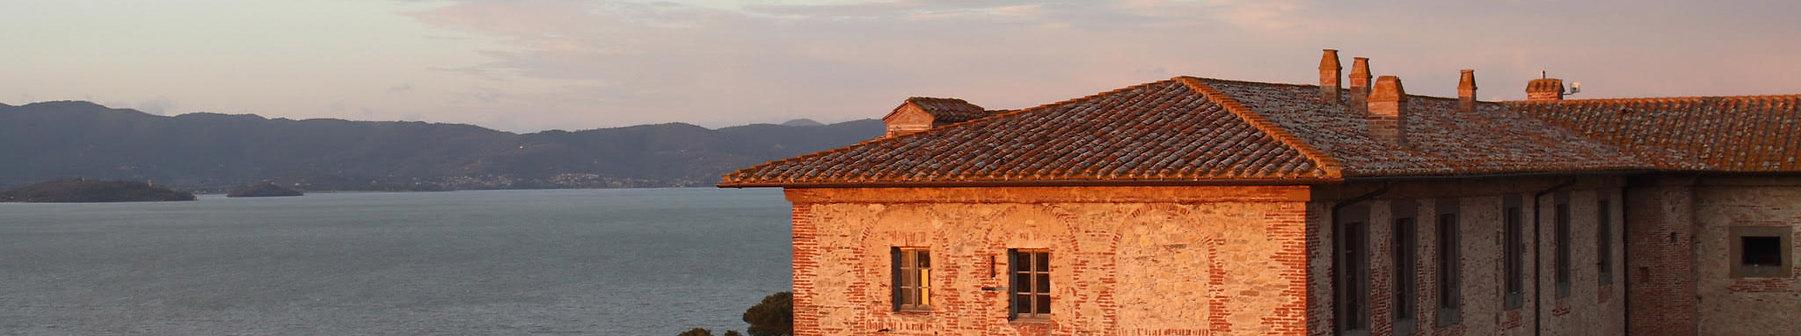 Umbria Sunset header.jpg